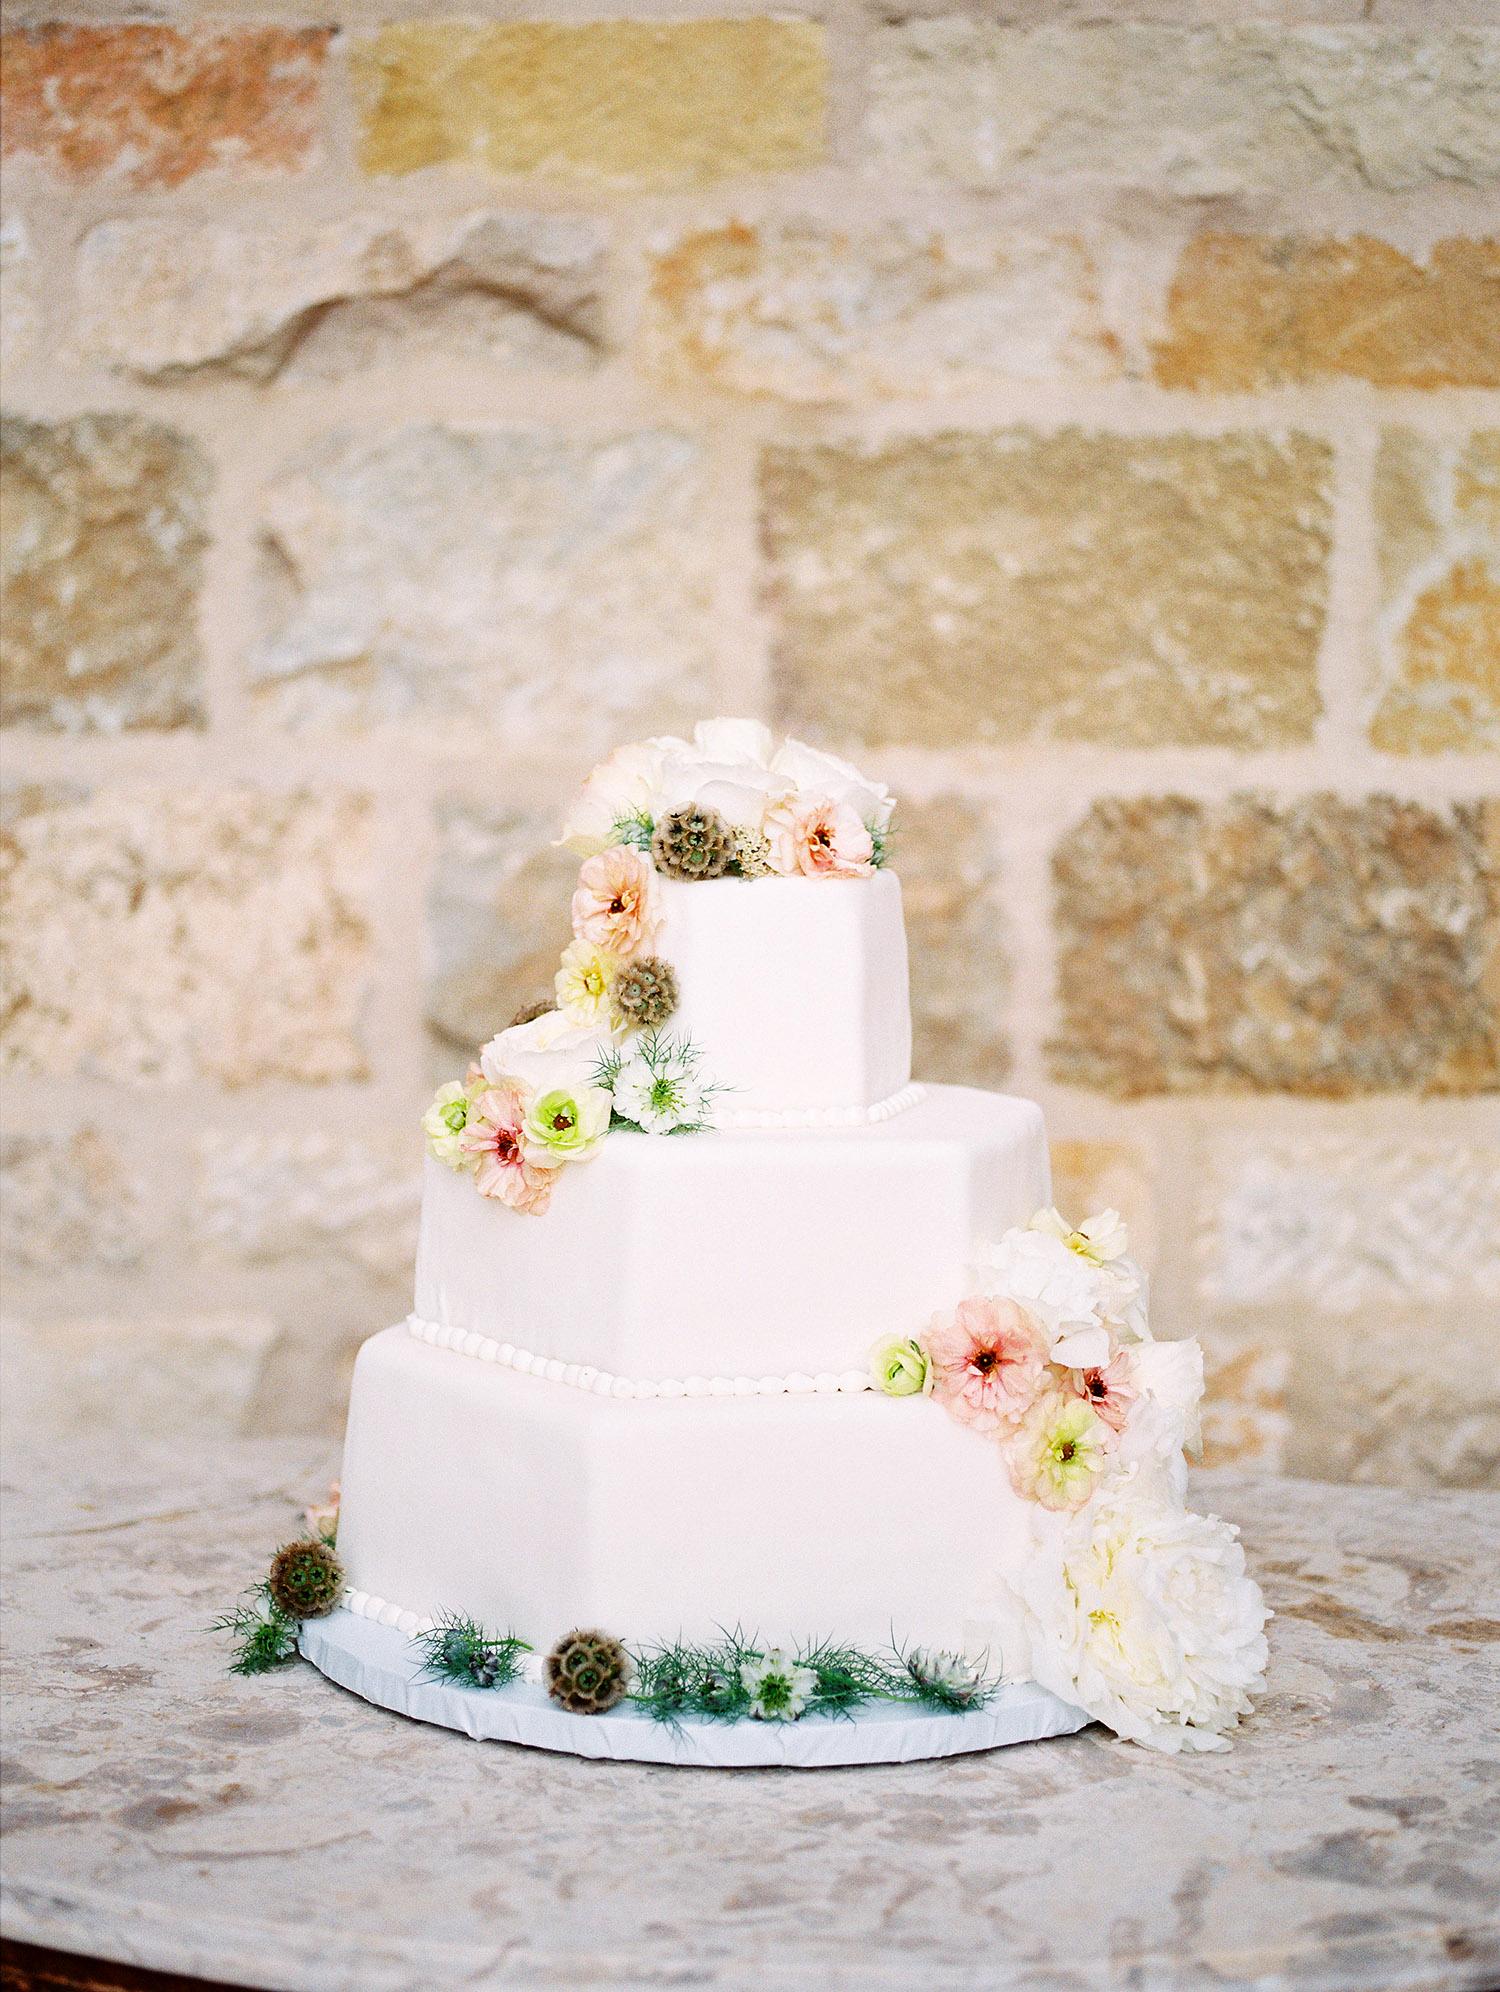 kati erik wedding cake with flowers detail